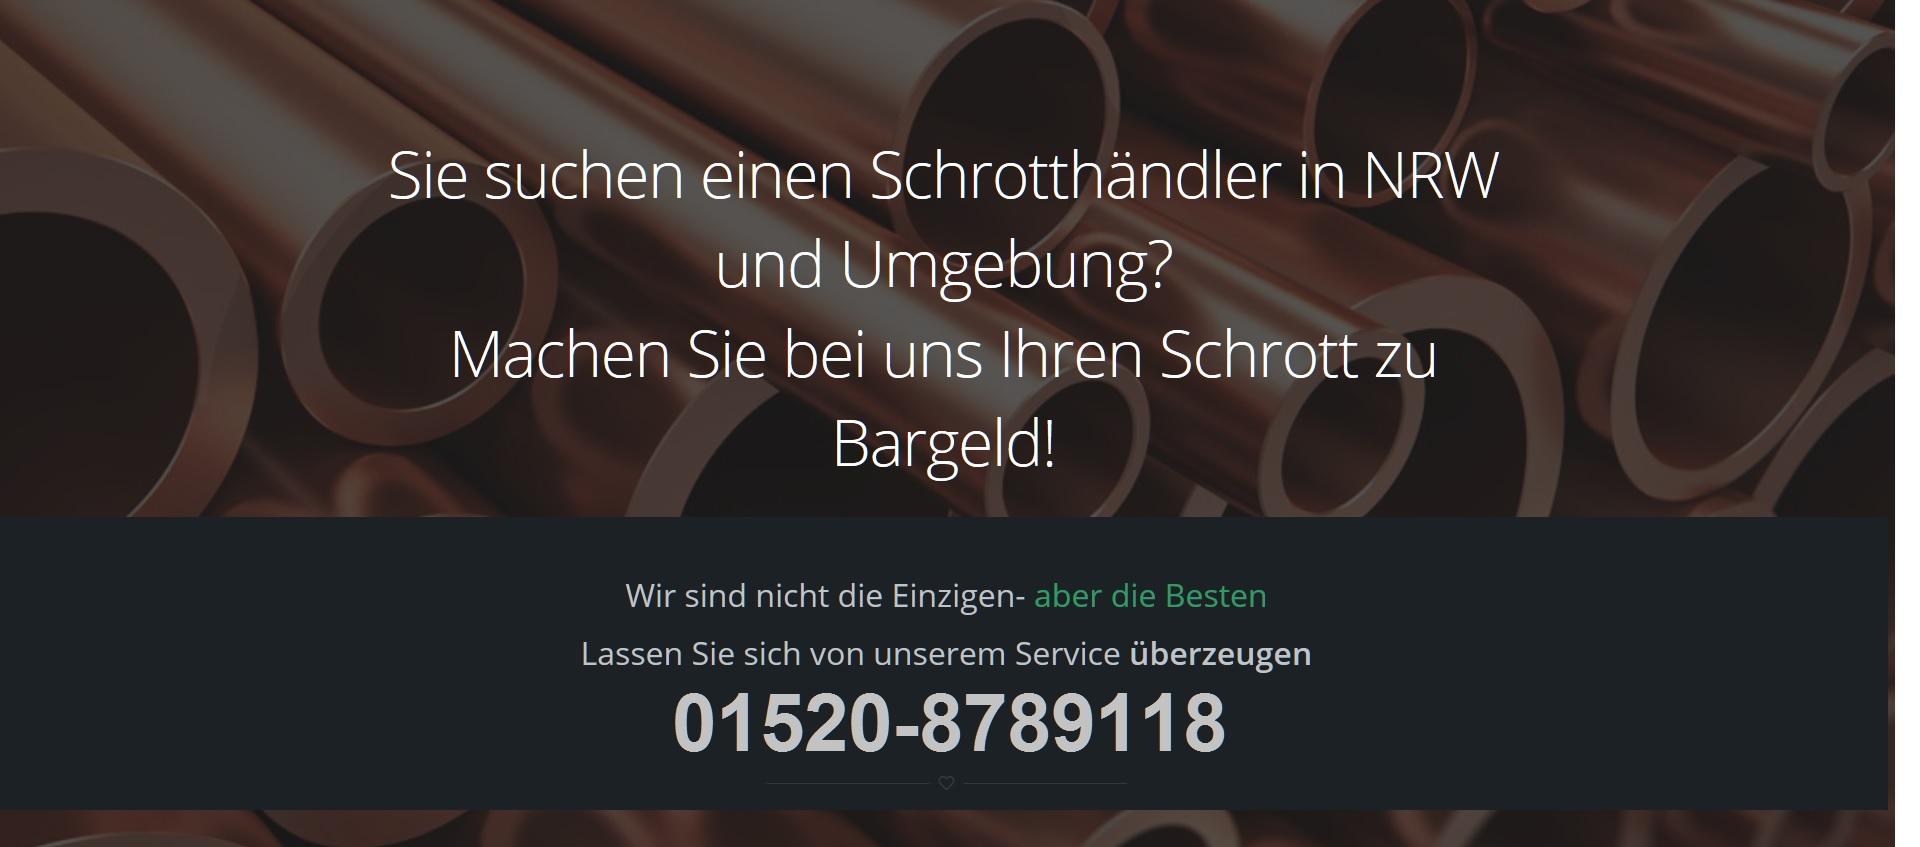 Schrottabholung Remscheid - Schrotthändler NRW